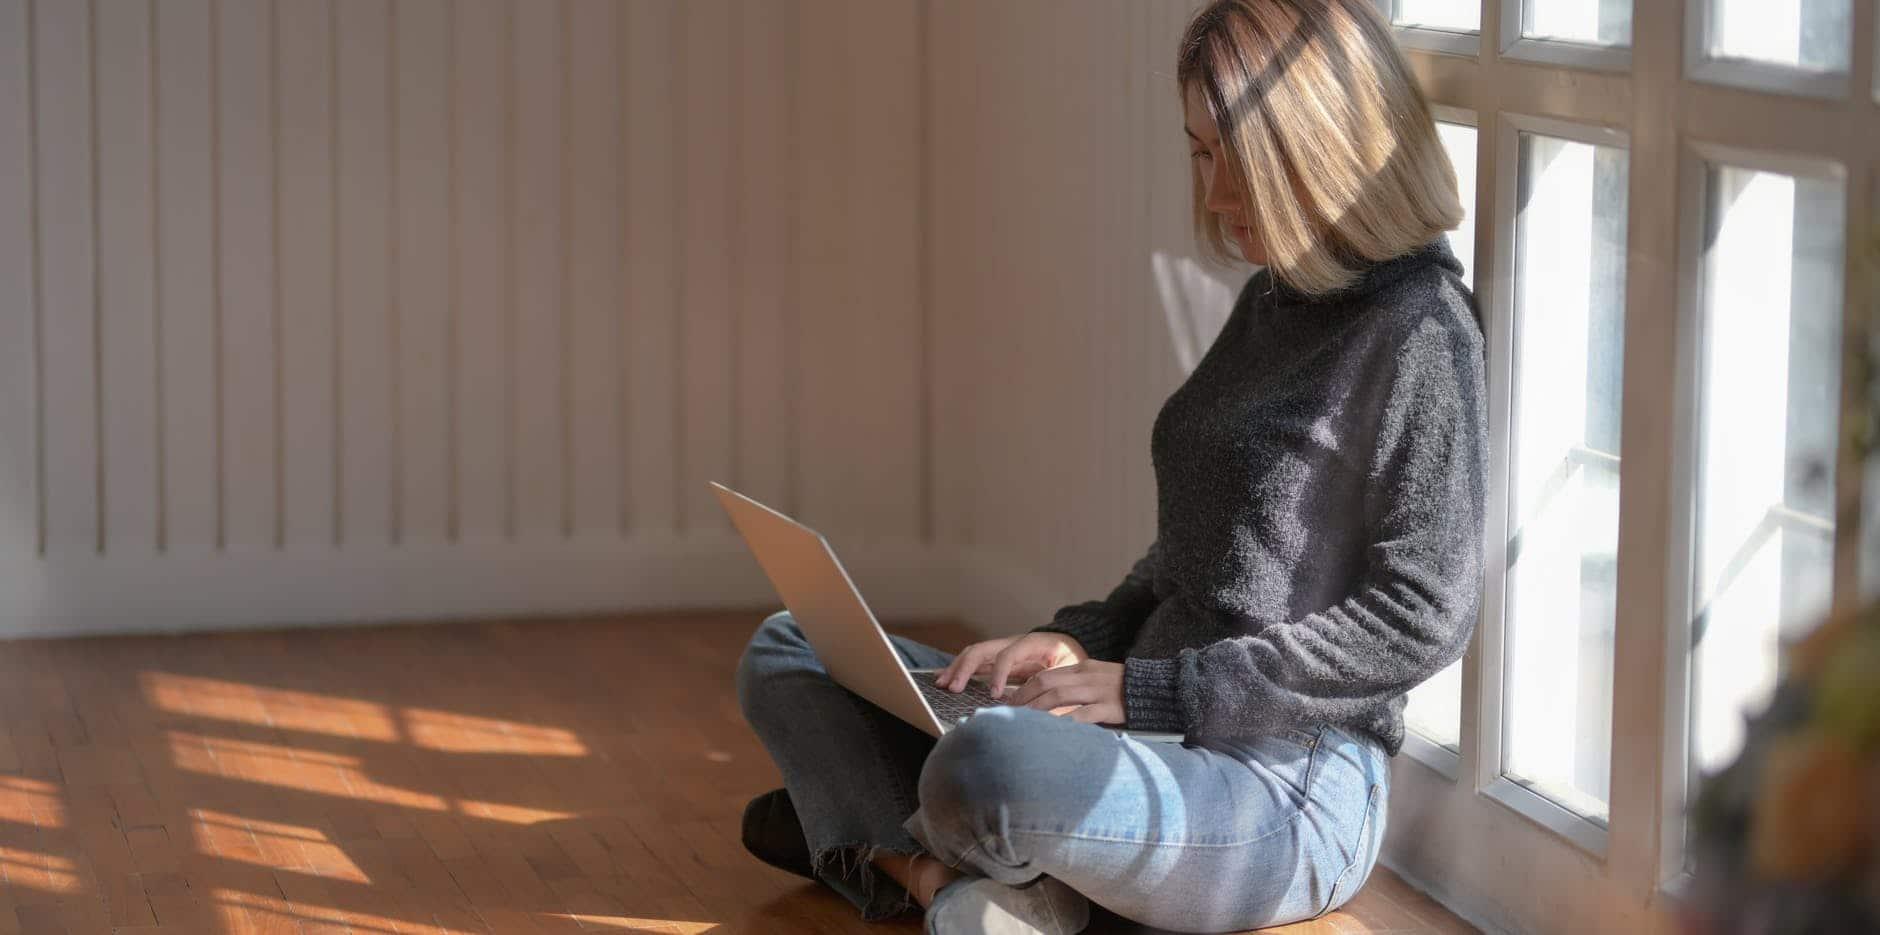 woman in gray sweater using laptop beside glass window